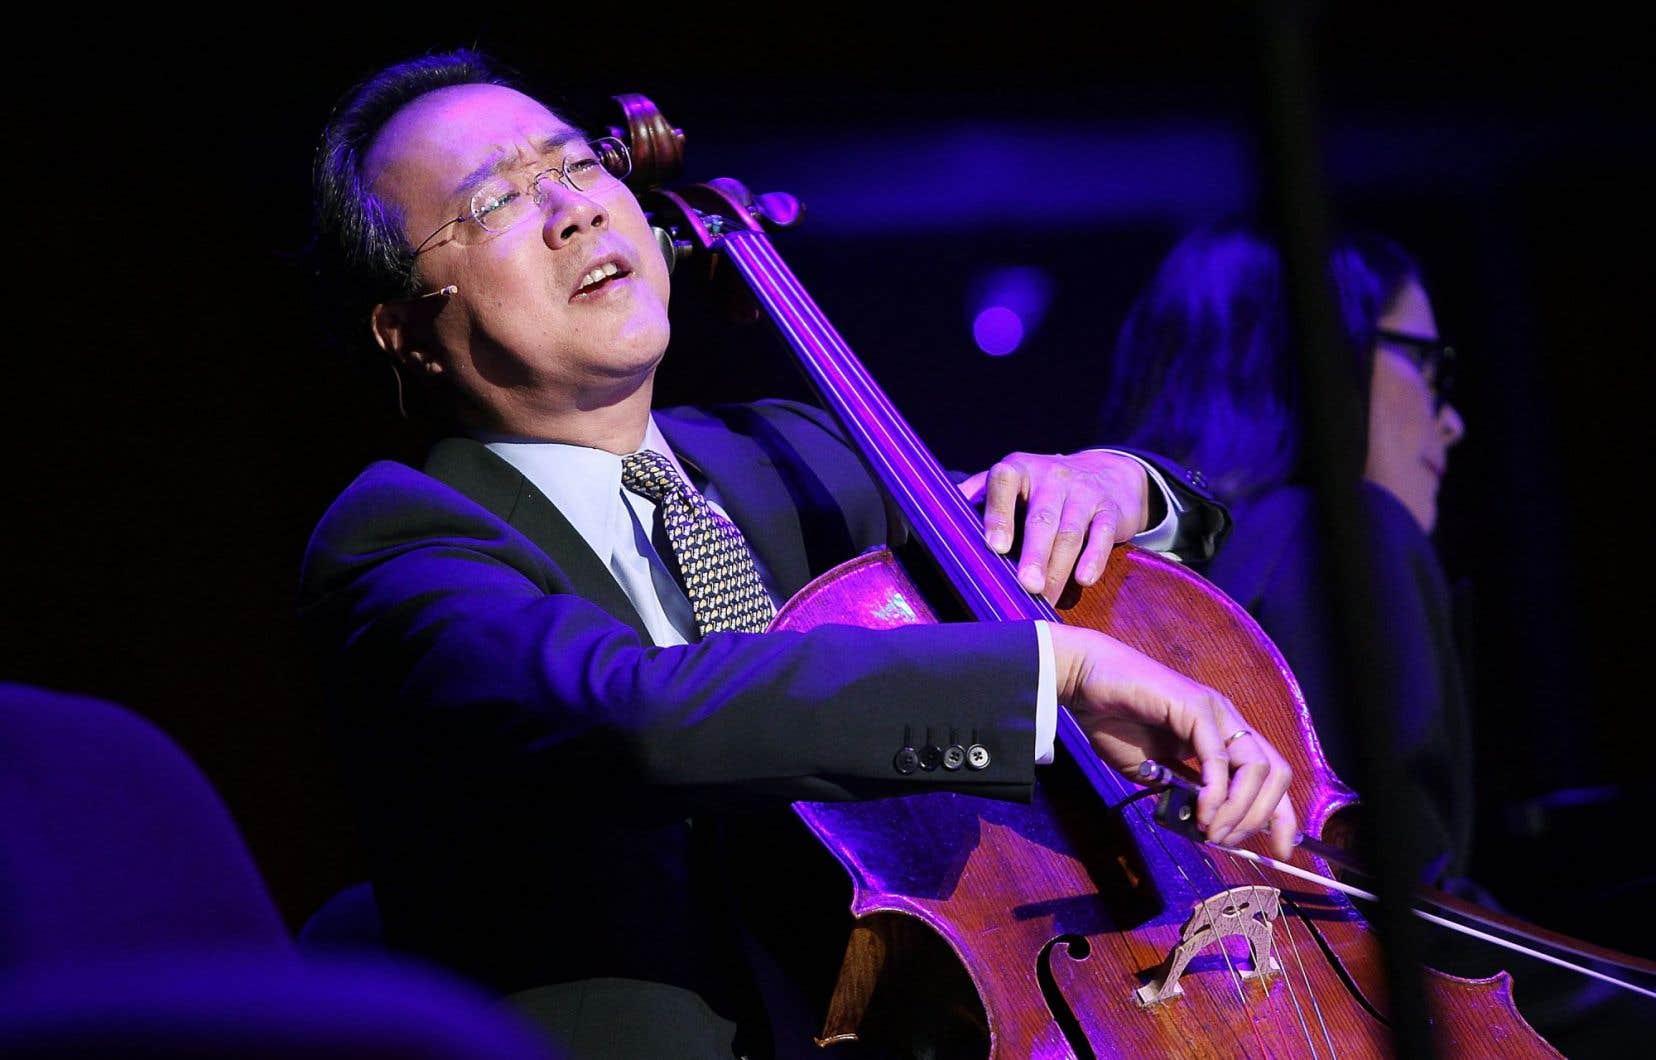 Le violoncelliste vedette Yo-Yo Ma jouera les «Suites pour violoncelle» n°4, 5 et6 de Bach à la Maison symphonique de Montréal.